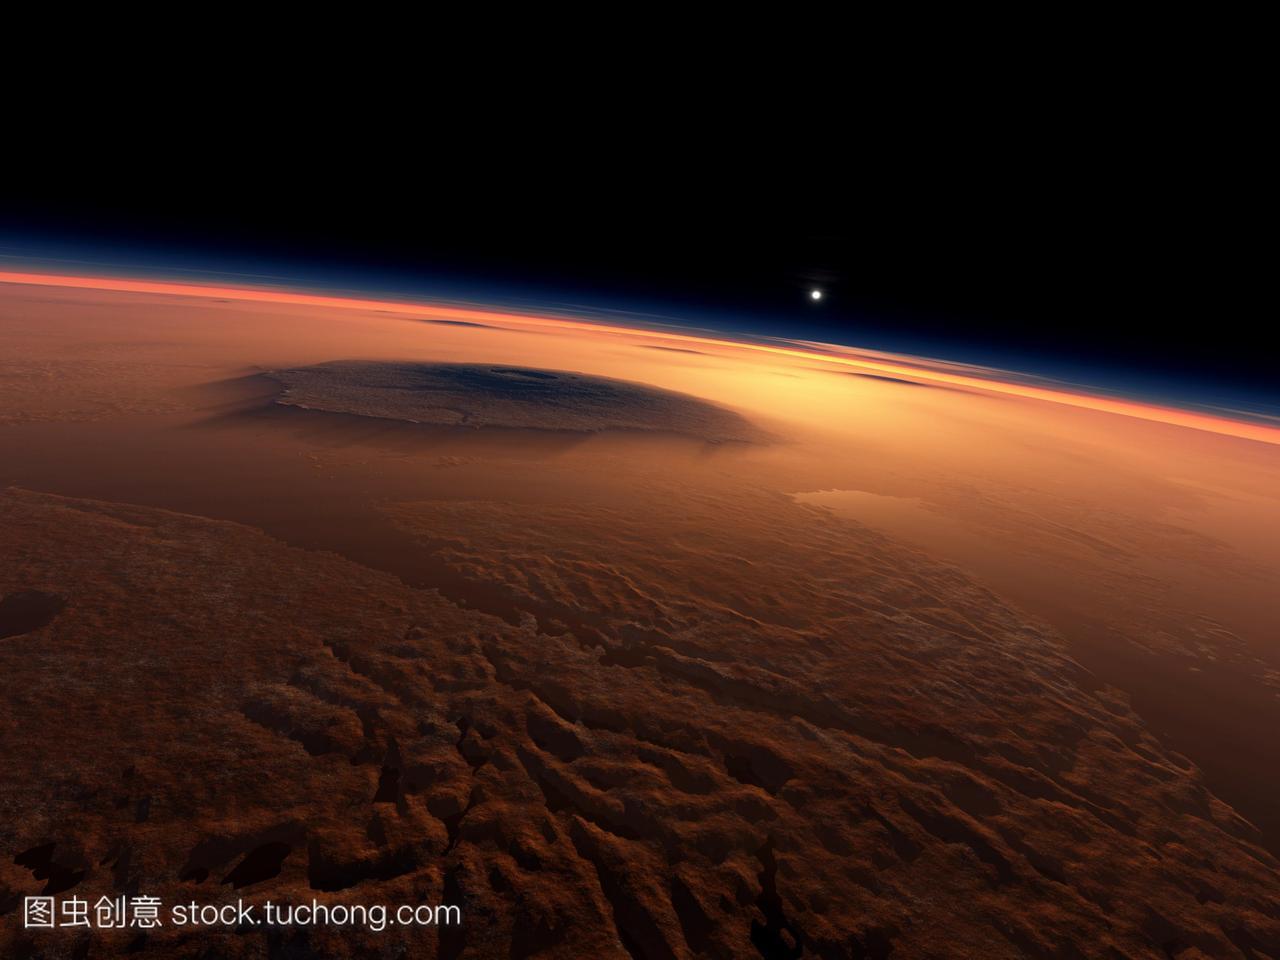 水在火星上。声音v声音向东在奥林匹斯山大电脑高中生影子好17岁女孩子中国图片